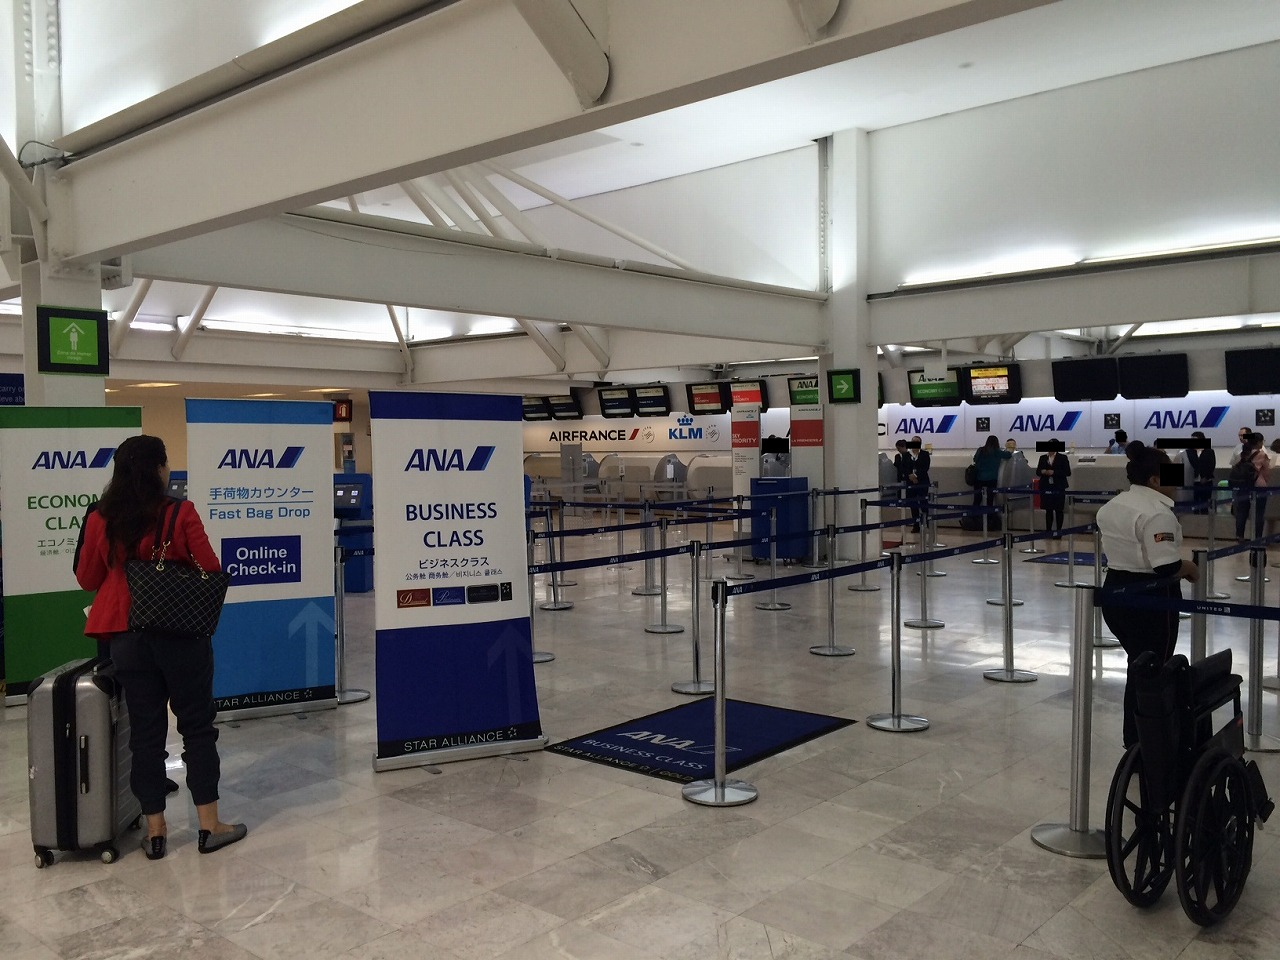 メキシコシティ国際空港のANAチェックインカウンター